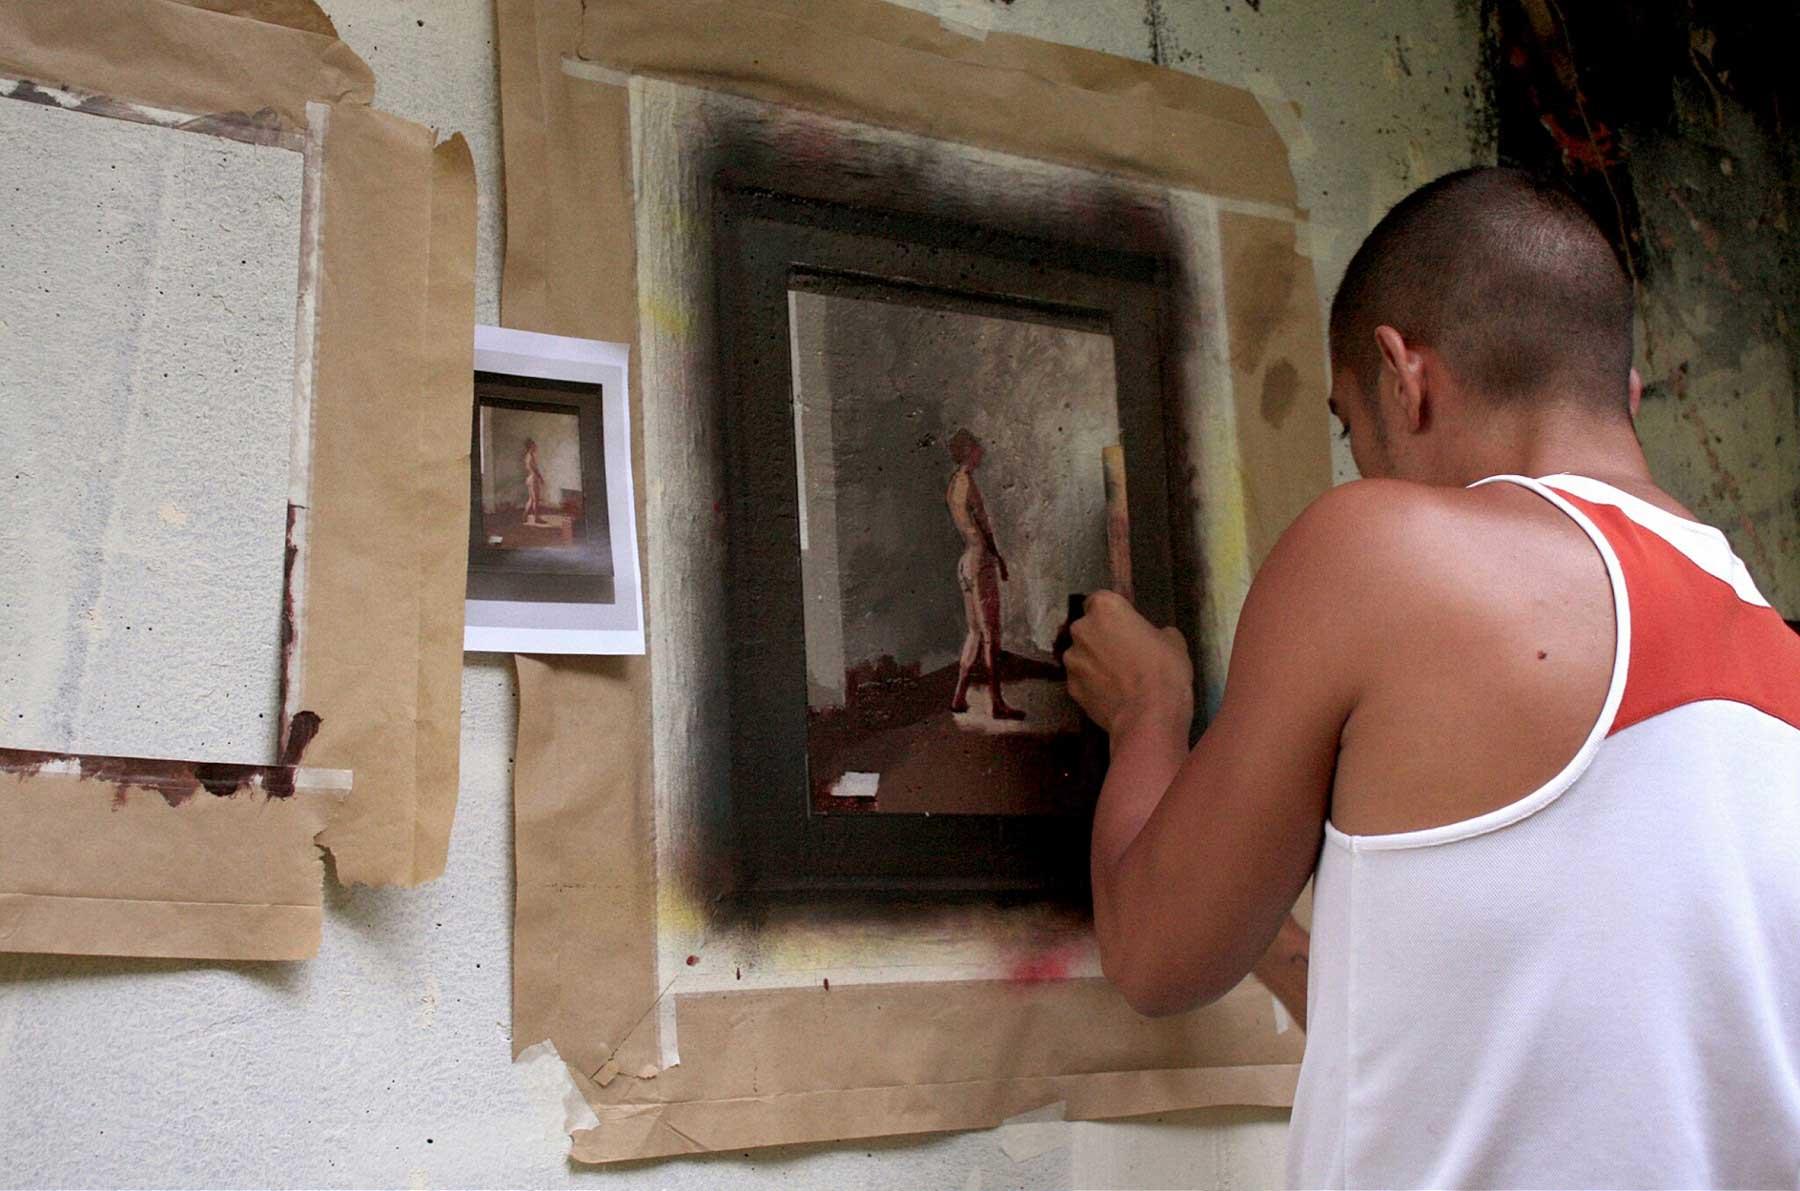 Realistische Abbilder klassischer Gemälde an öffentliche Wände gemalt Julio-Anaya-Cabanding_06